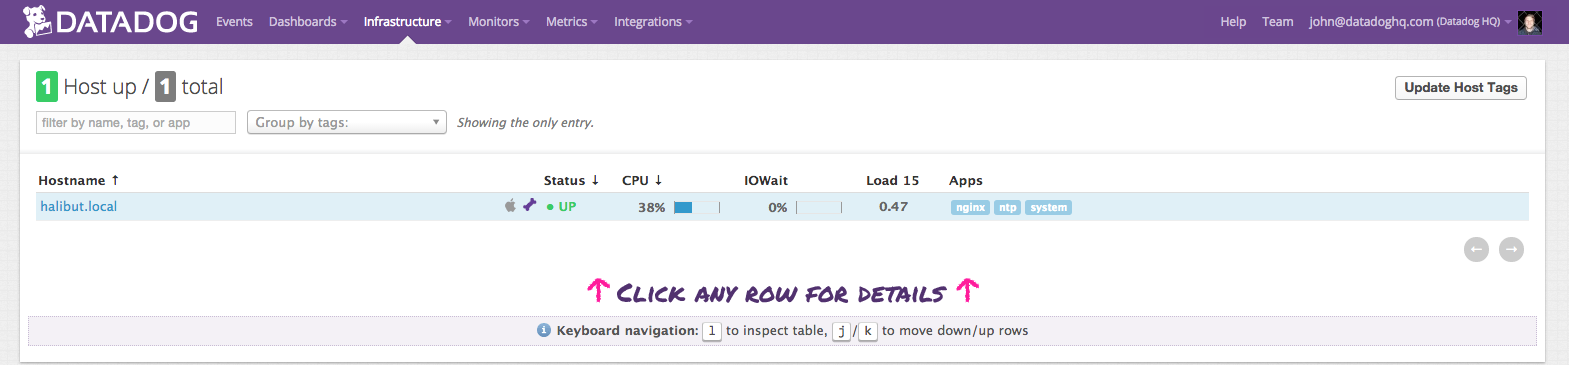 Datadog infrastructure list